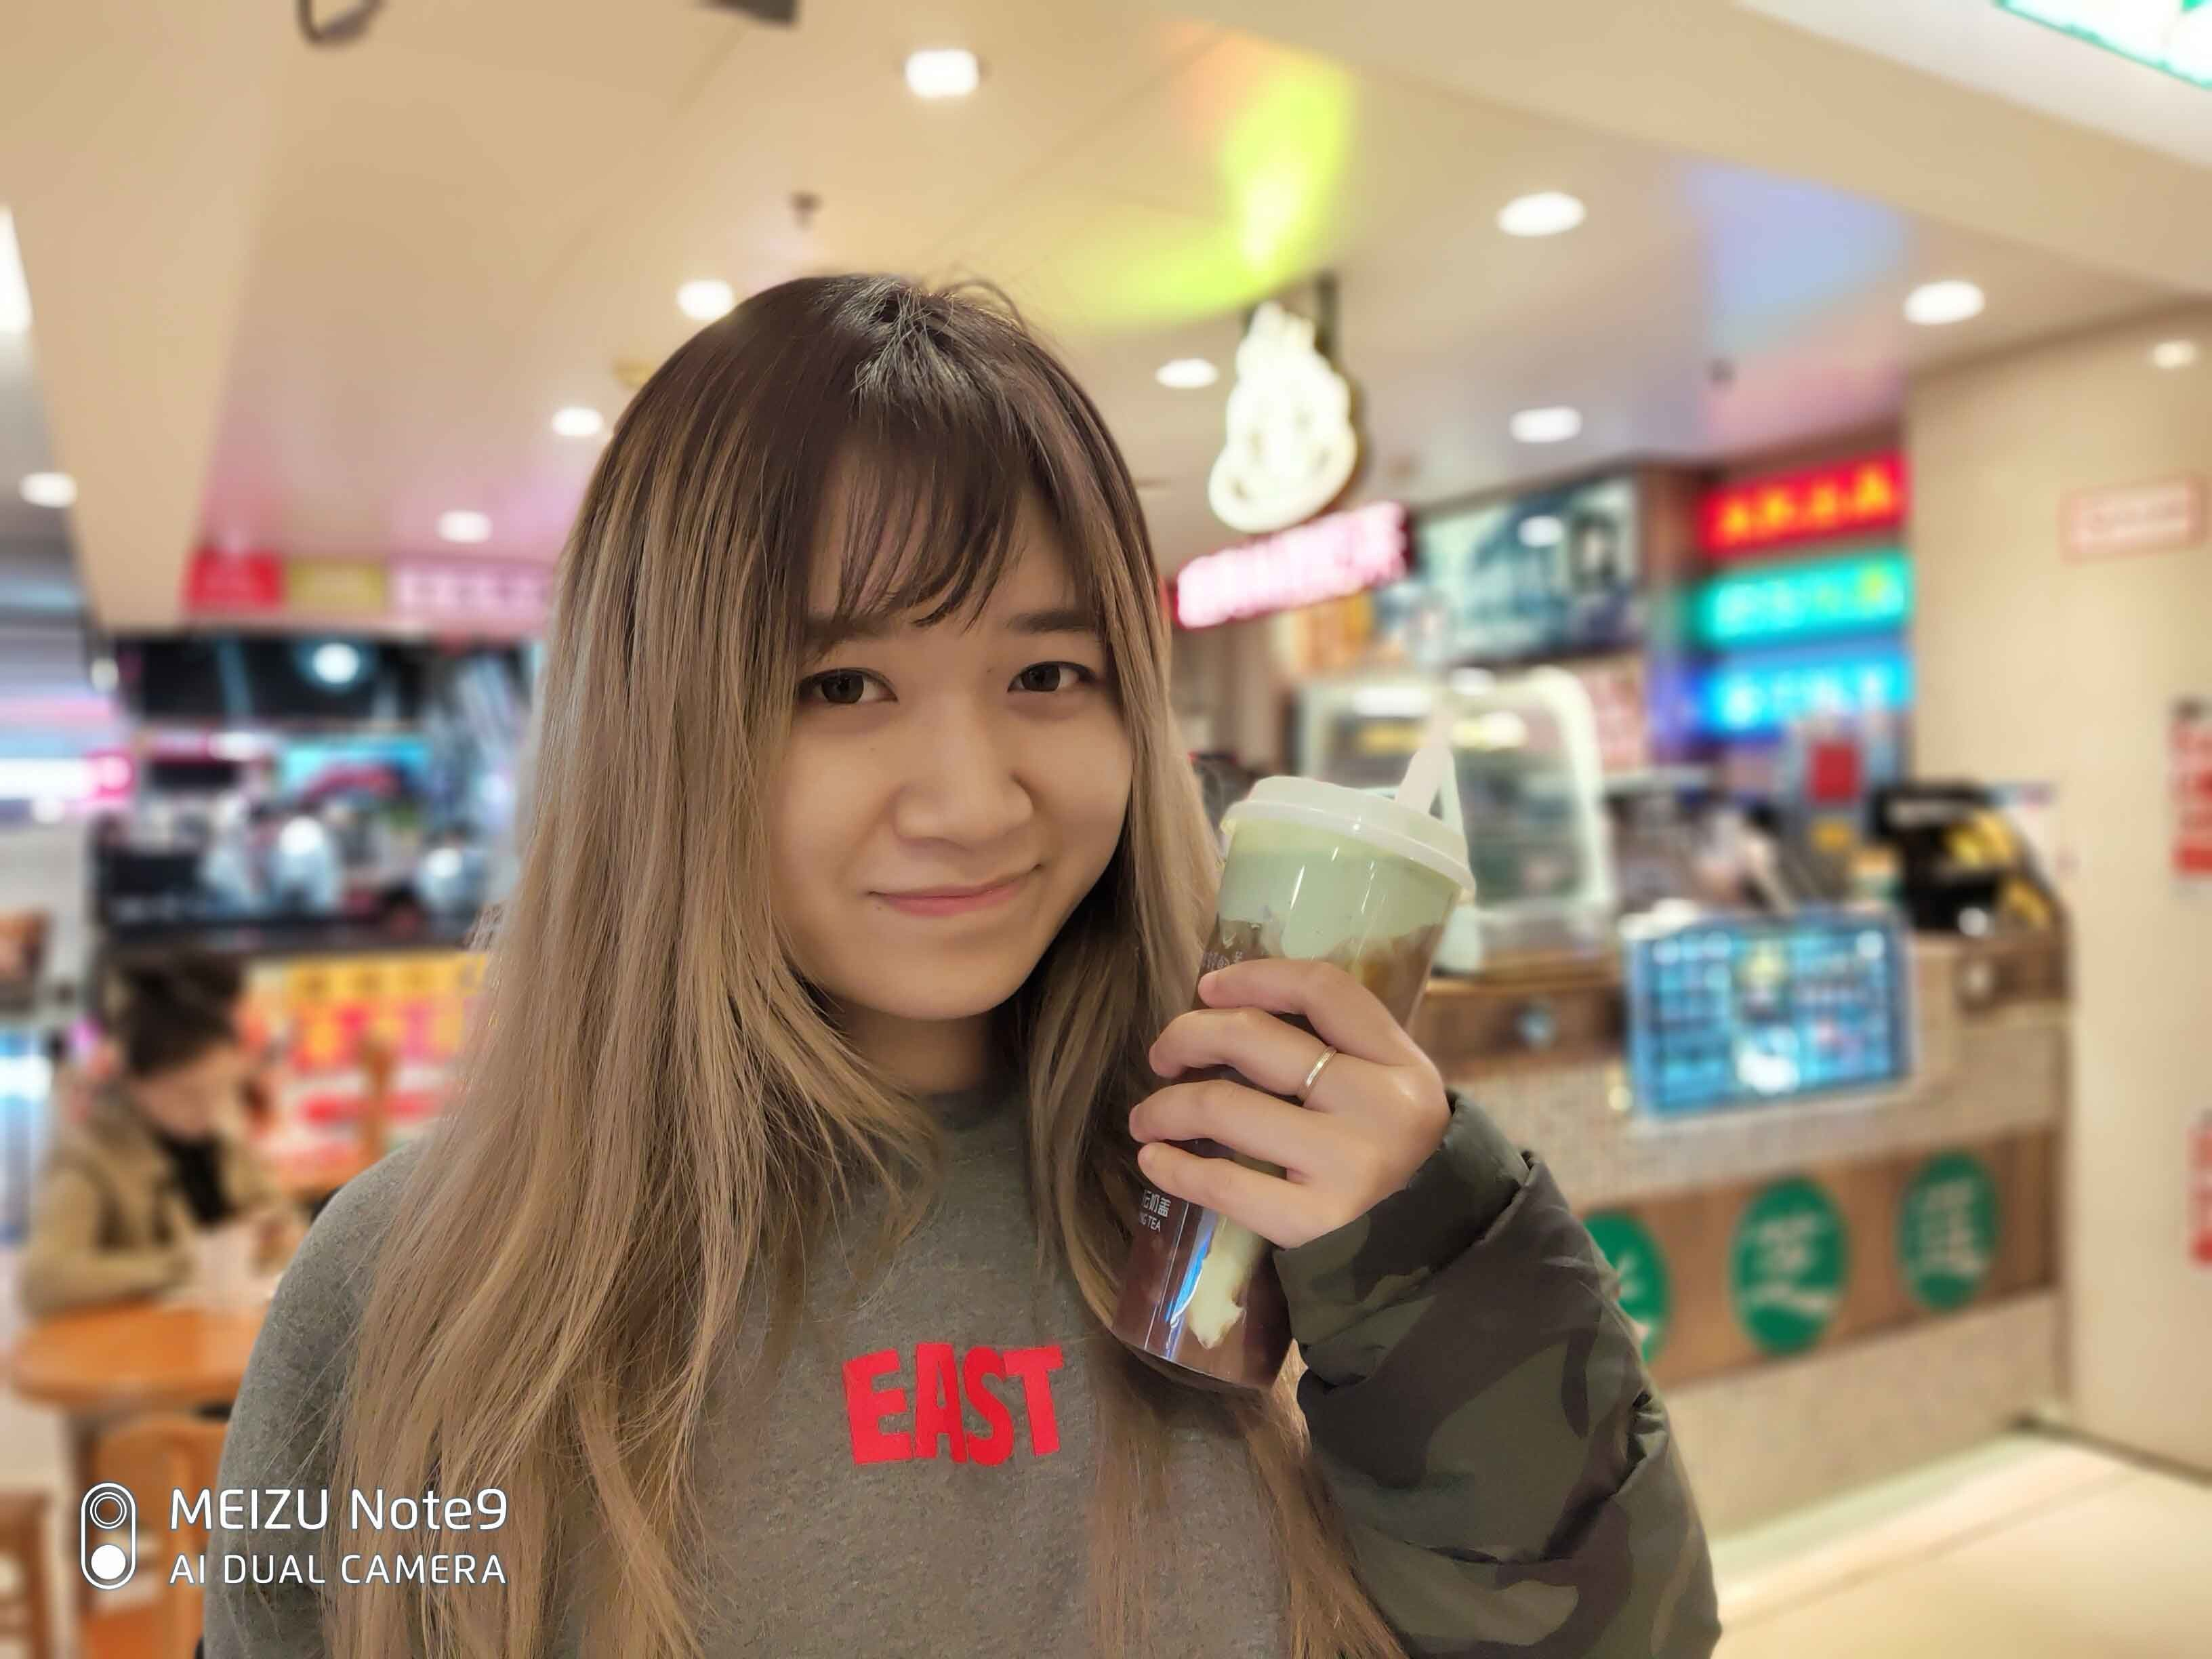 魅族Note9(6+64GB)手机拍照出来的影像图第7张